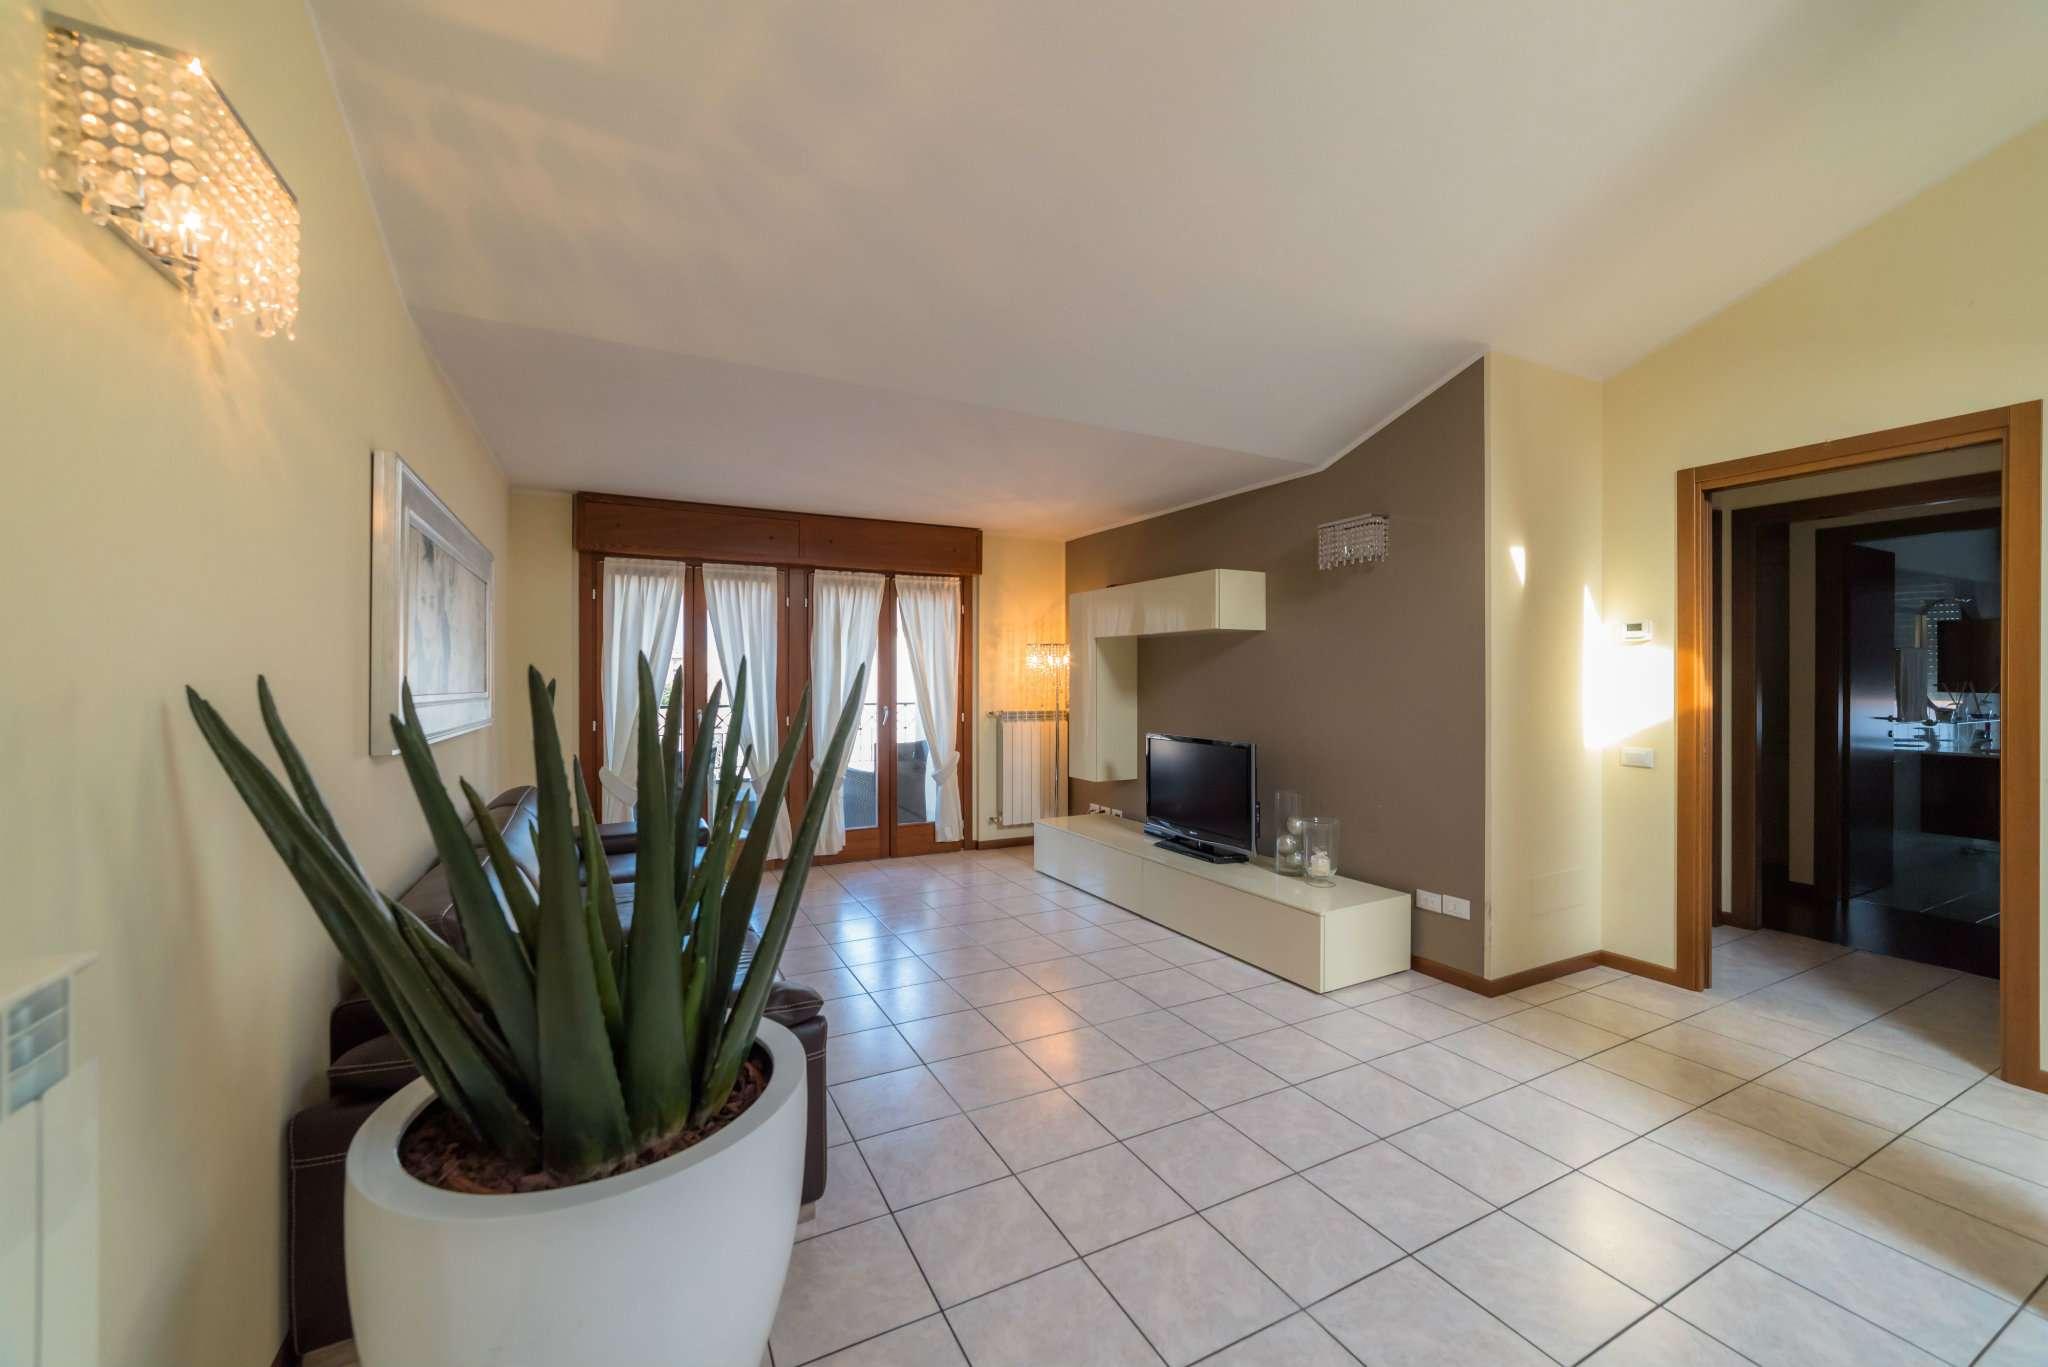 Appartamento in vendita a Bergamo, 4 locali, prezzo € 350.000 | Cambio Casa.it